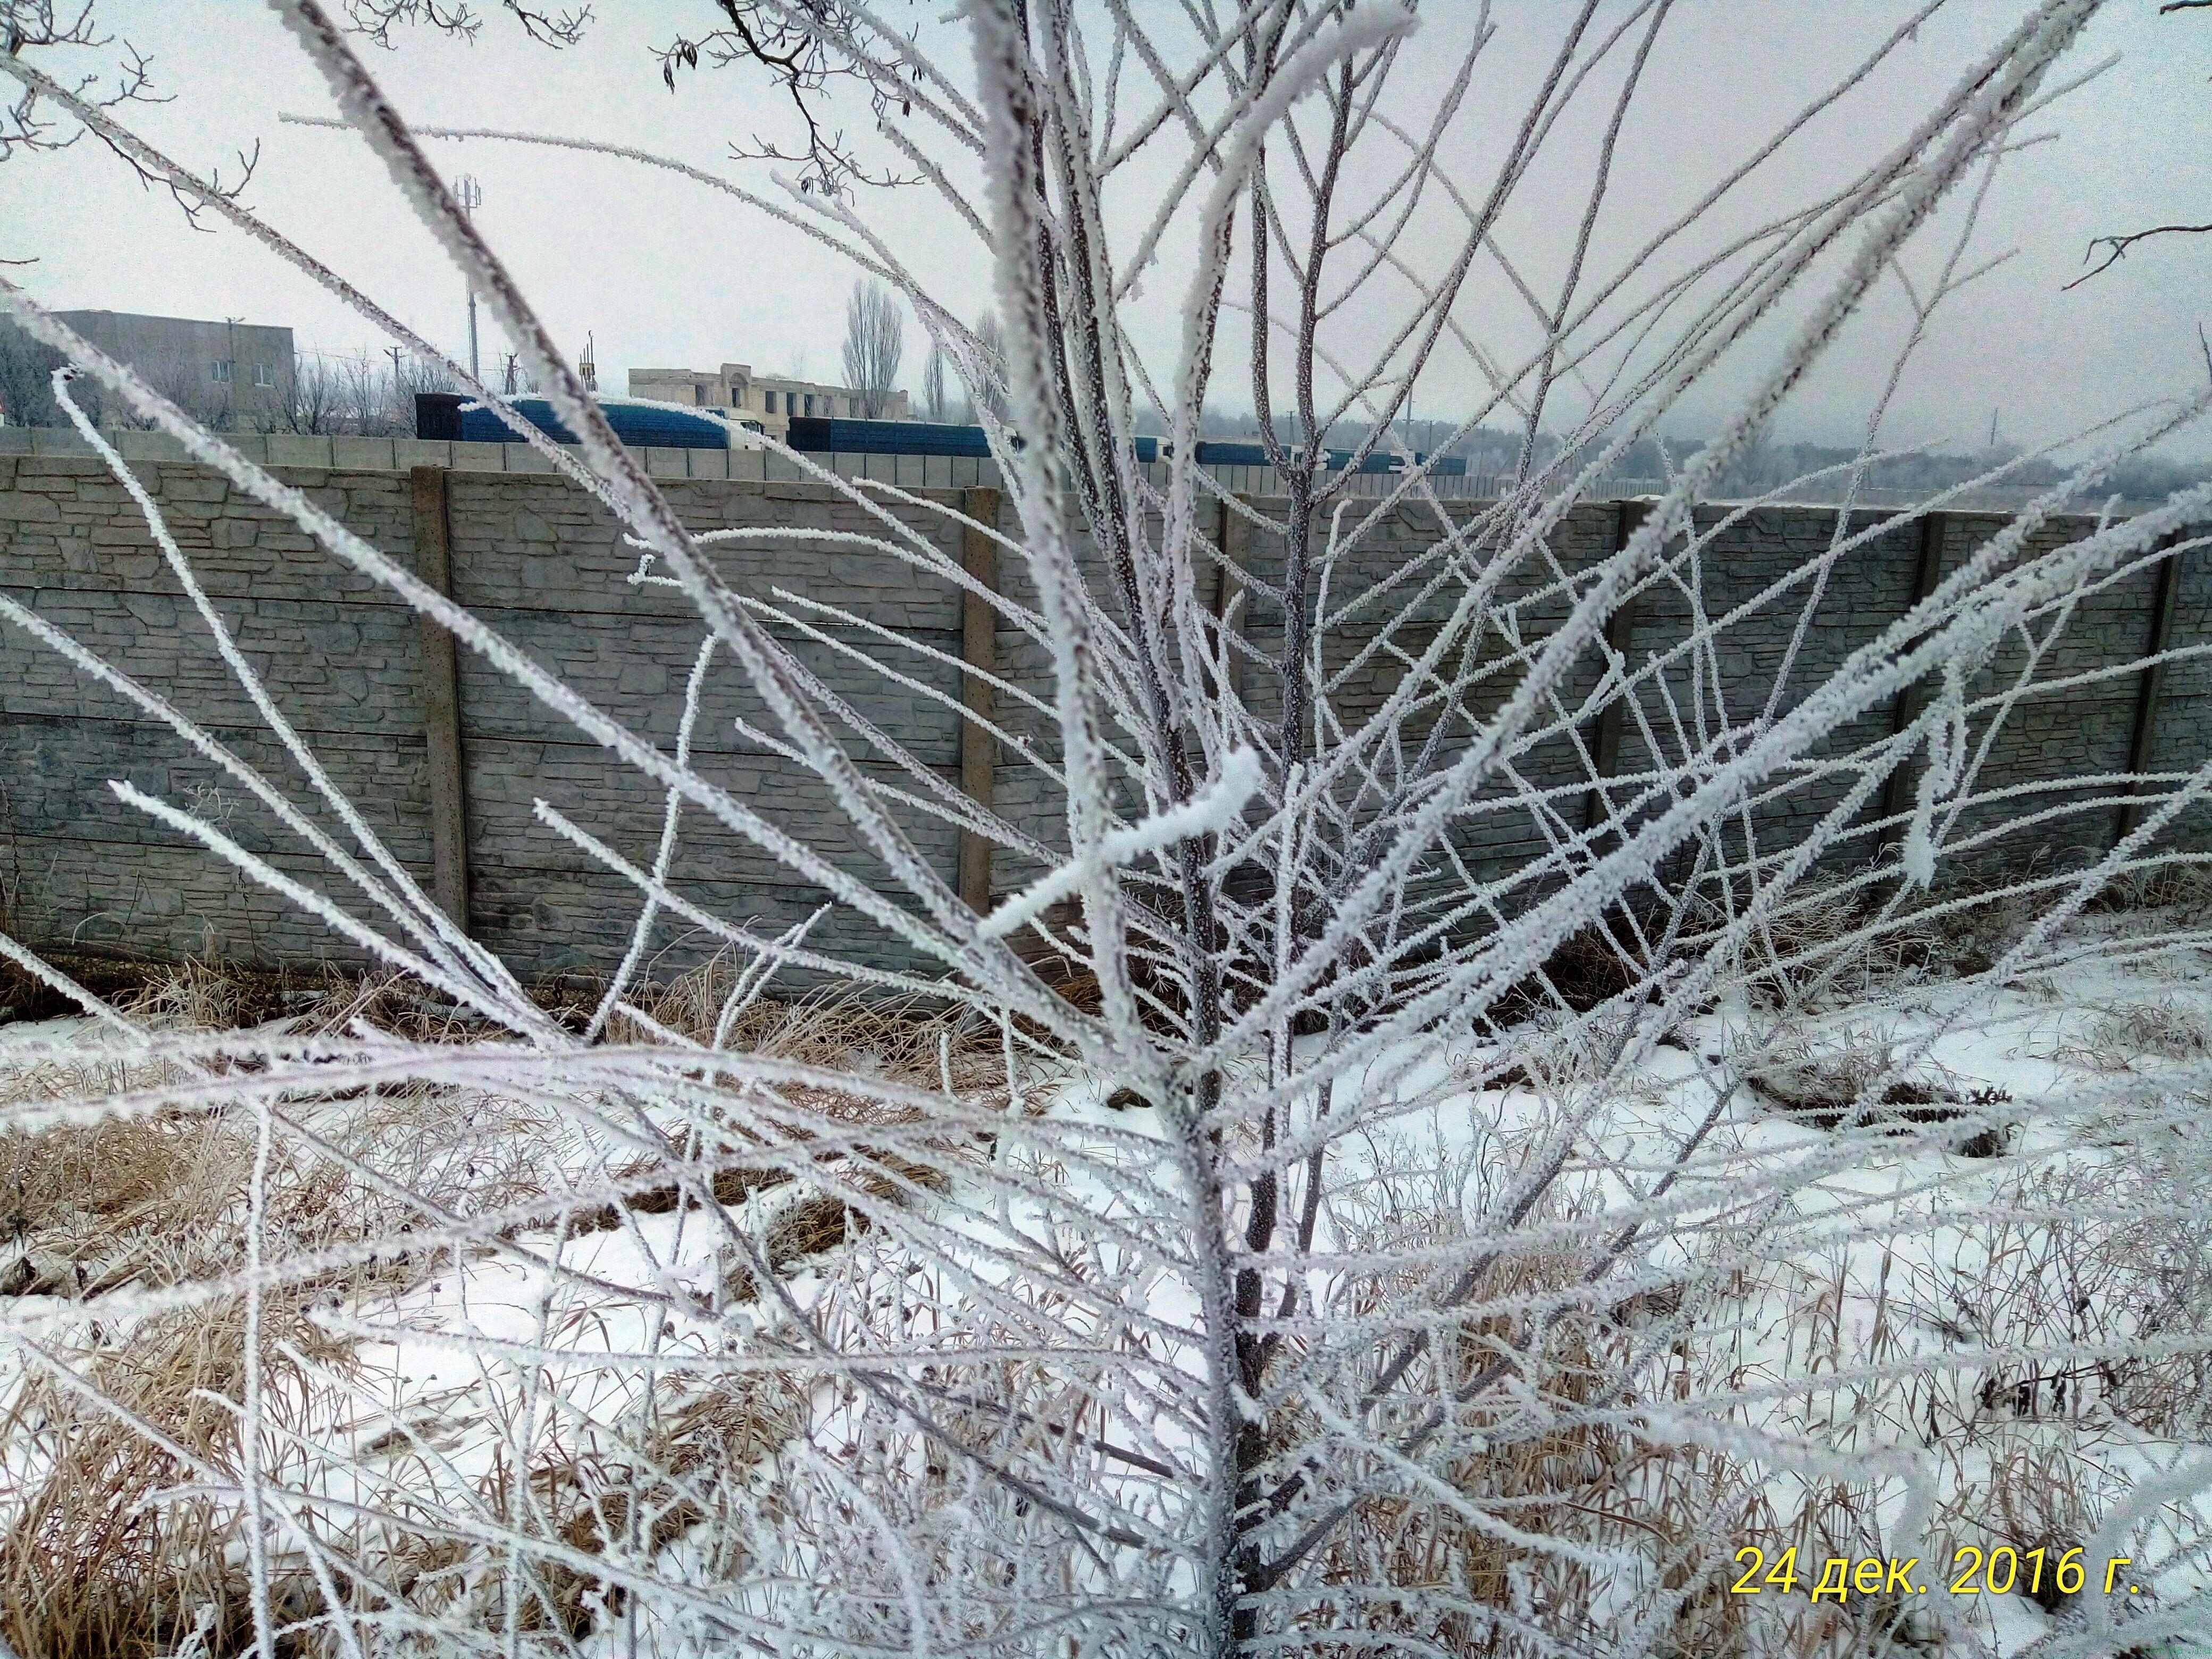 Открытие городской новогодней Елки 2016-2017 года фото заметка о реальности в Крыму jokya.ru